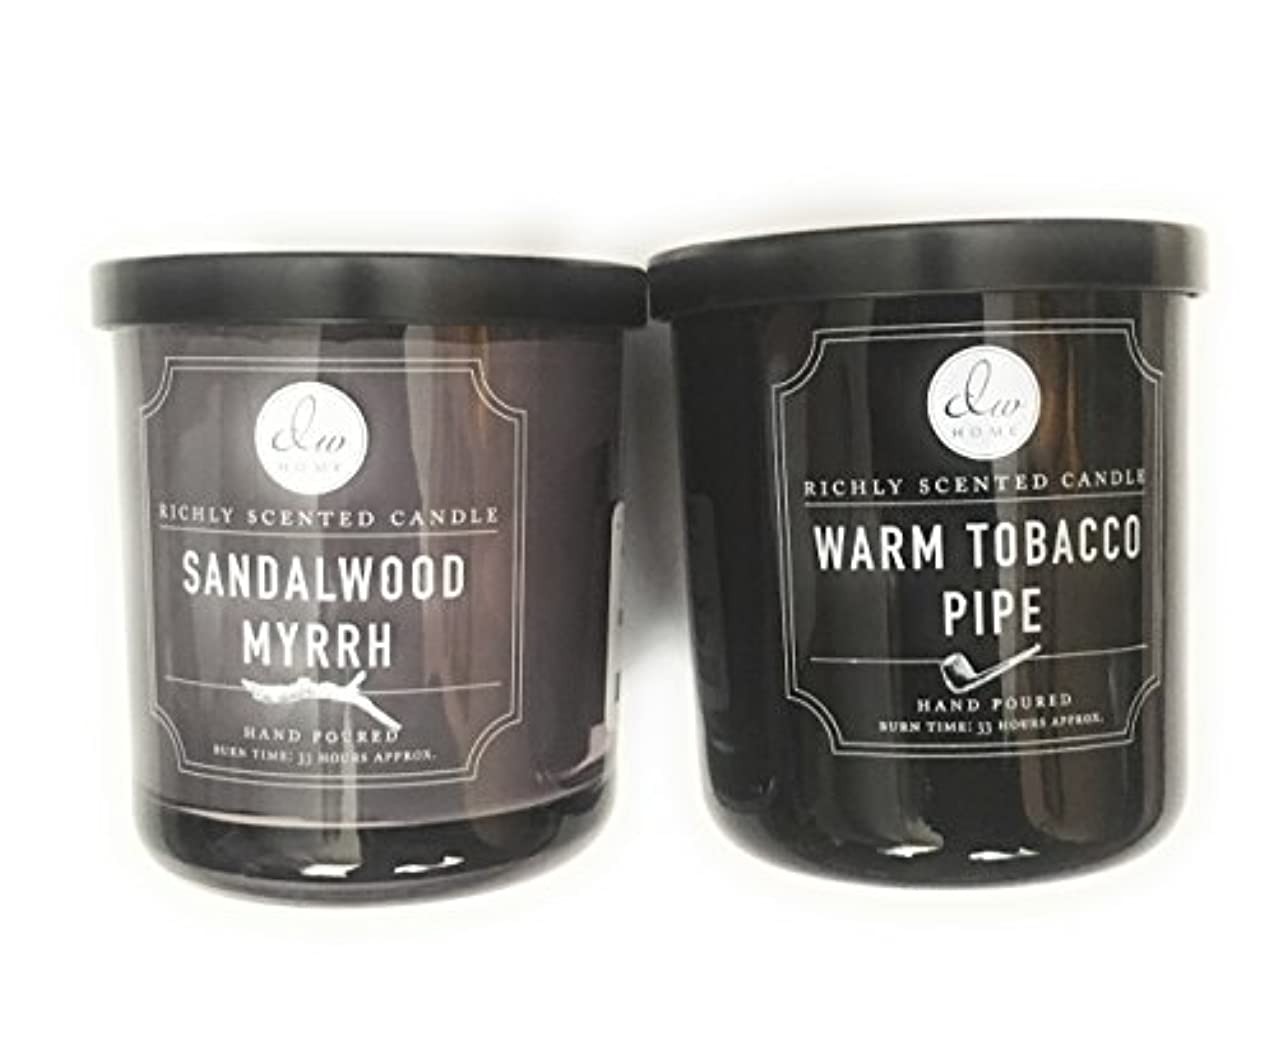 風気楽な王子DW Home Candle Bundle with a Warm Tobacco Pipe (290ml) Candle and a Sandalwood and Myrrh (290ml) Candle (2 items)